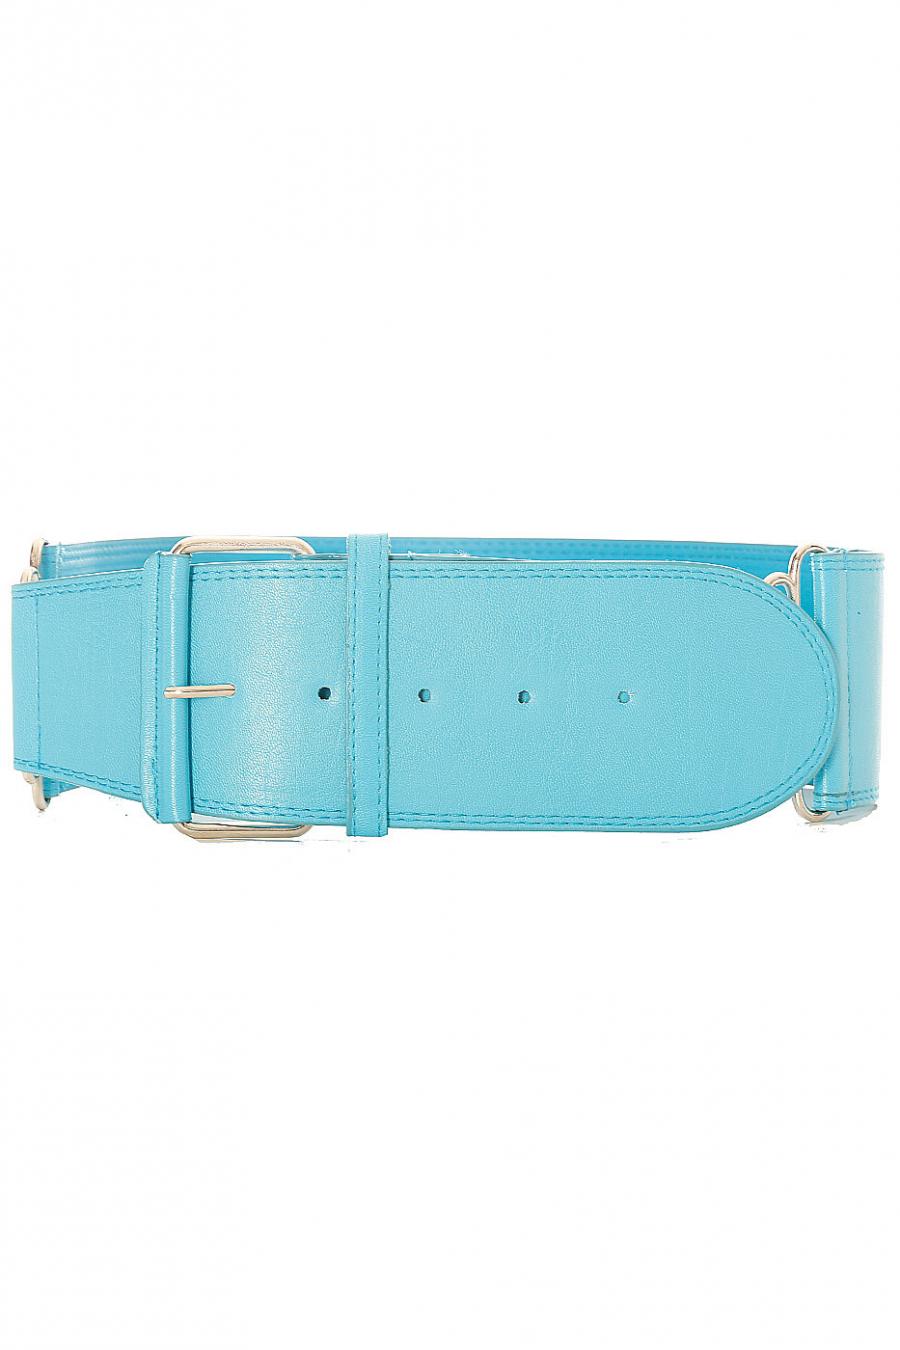 Grosse ceinture turquoise très tendance. SG-0418